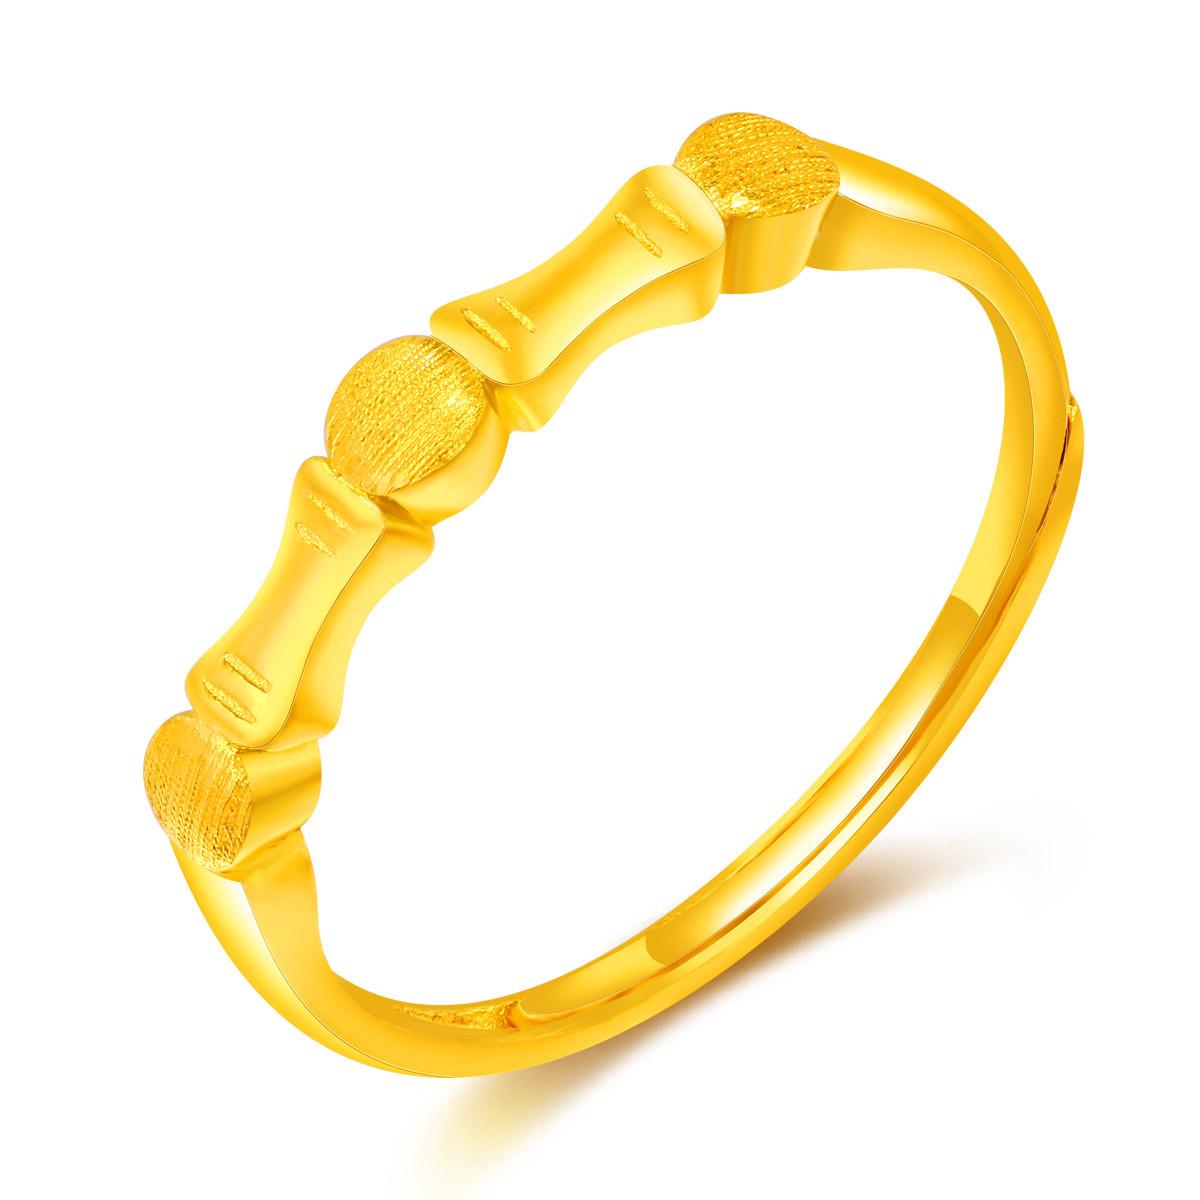 翠绿翠绿 5G黄金 足金节节高女士黄金戒指(计价)A01000021364